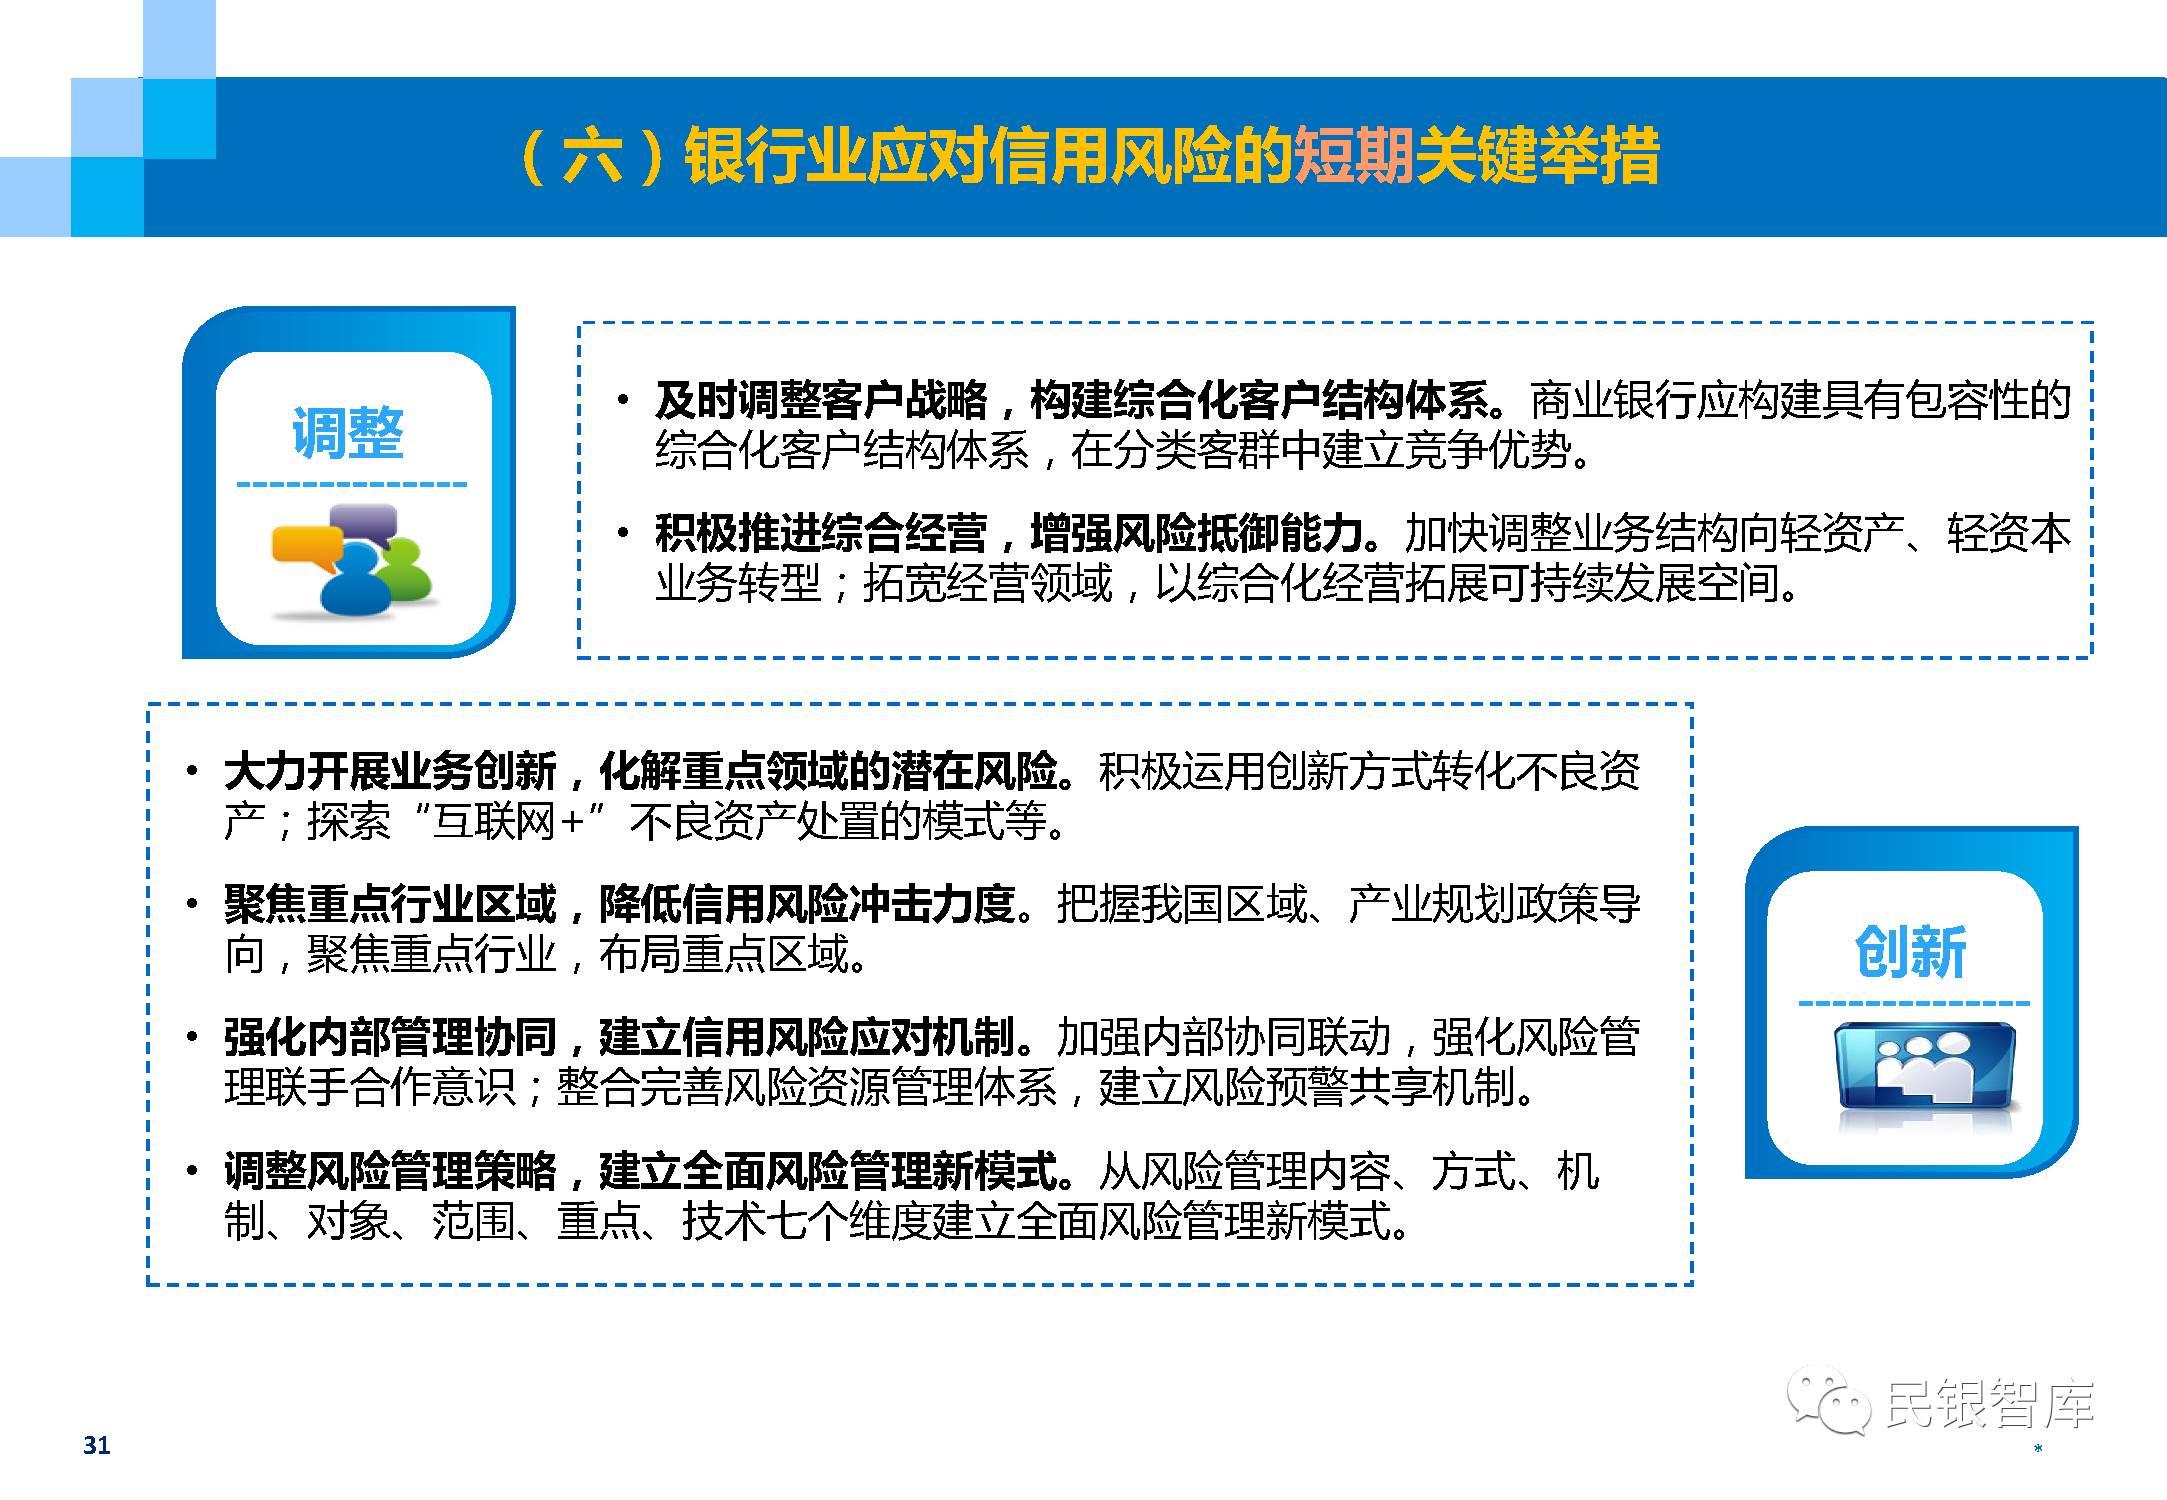 民银智库:中国银行业不良资产的现状、处置与风险管理